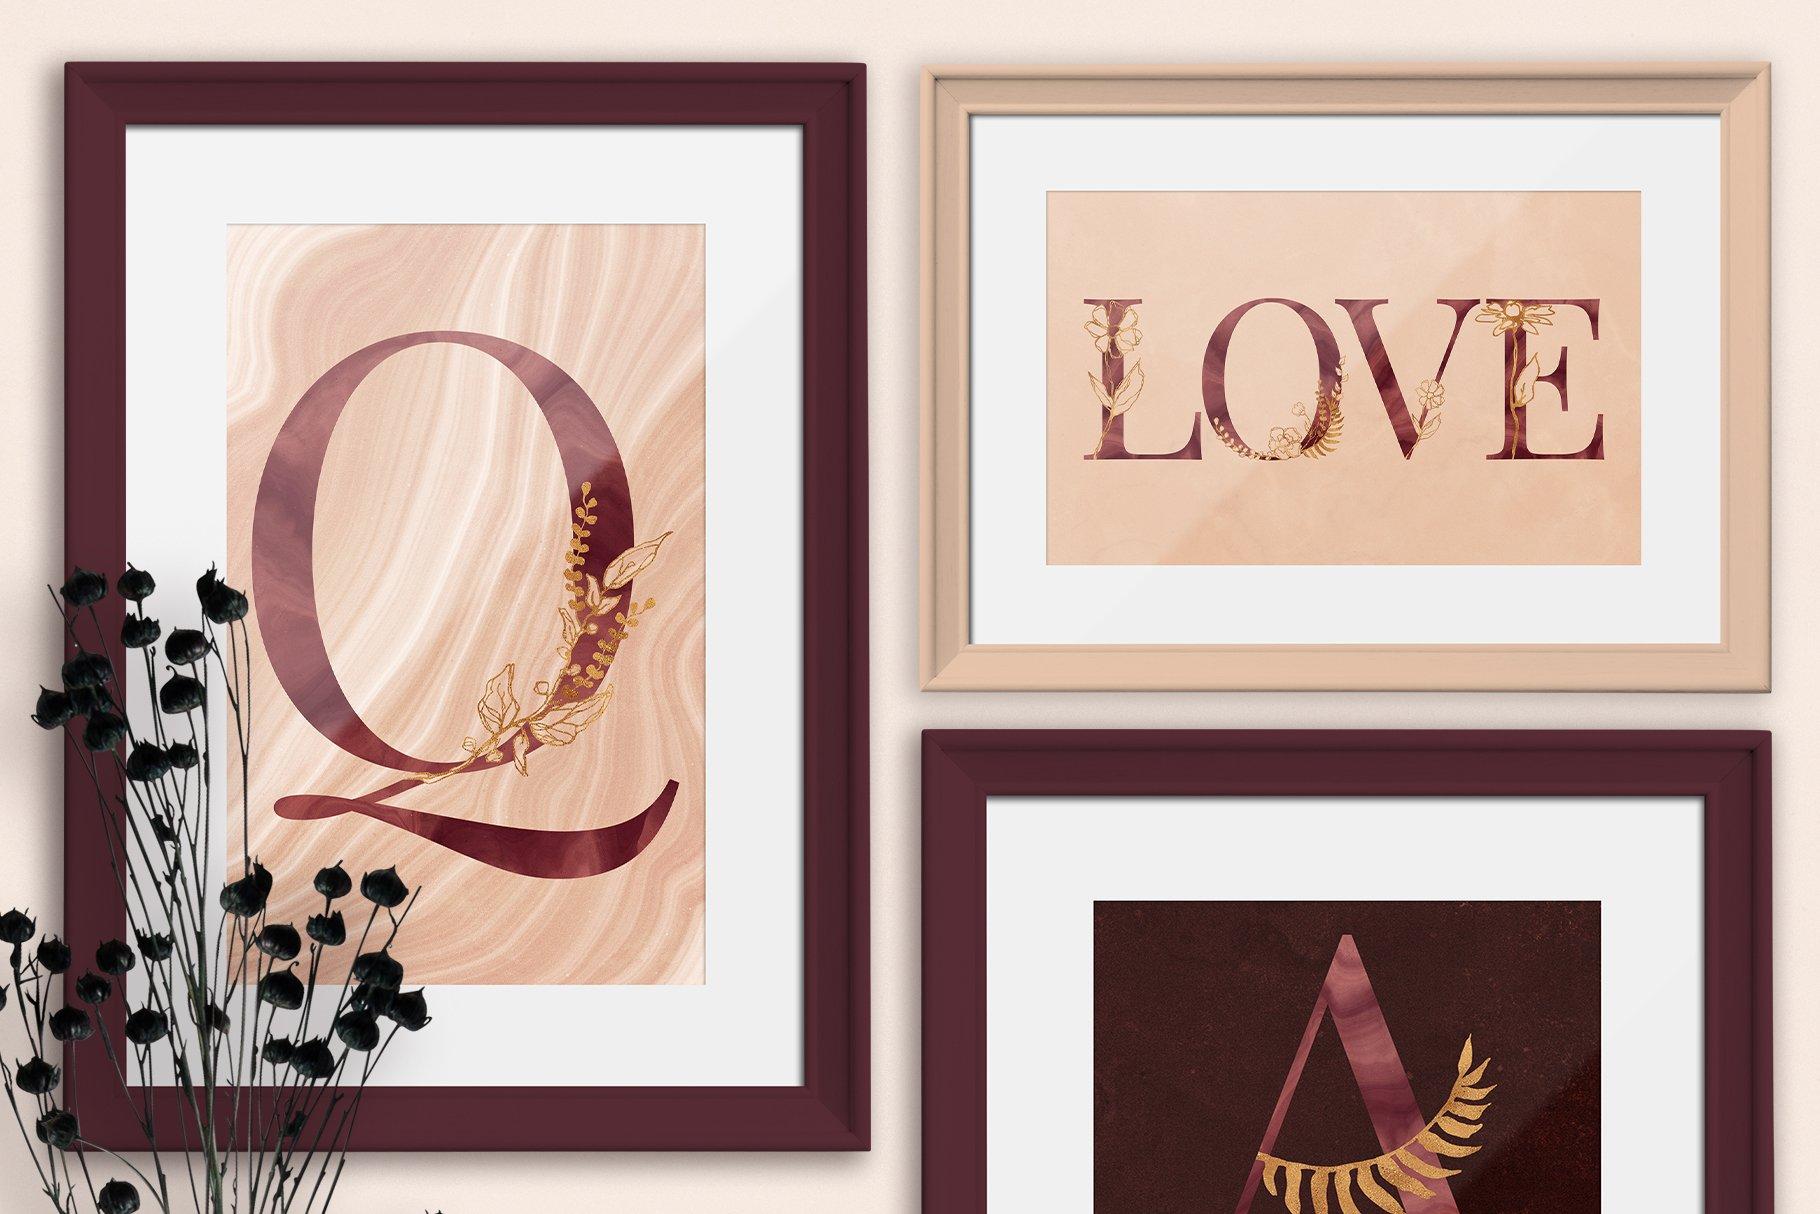 [单独购买] 现代优雅抽象花卉图形艺术线条金色箔纸设计套件 Abstract Line Art Design Kit插图6